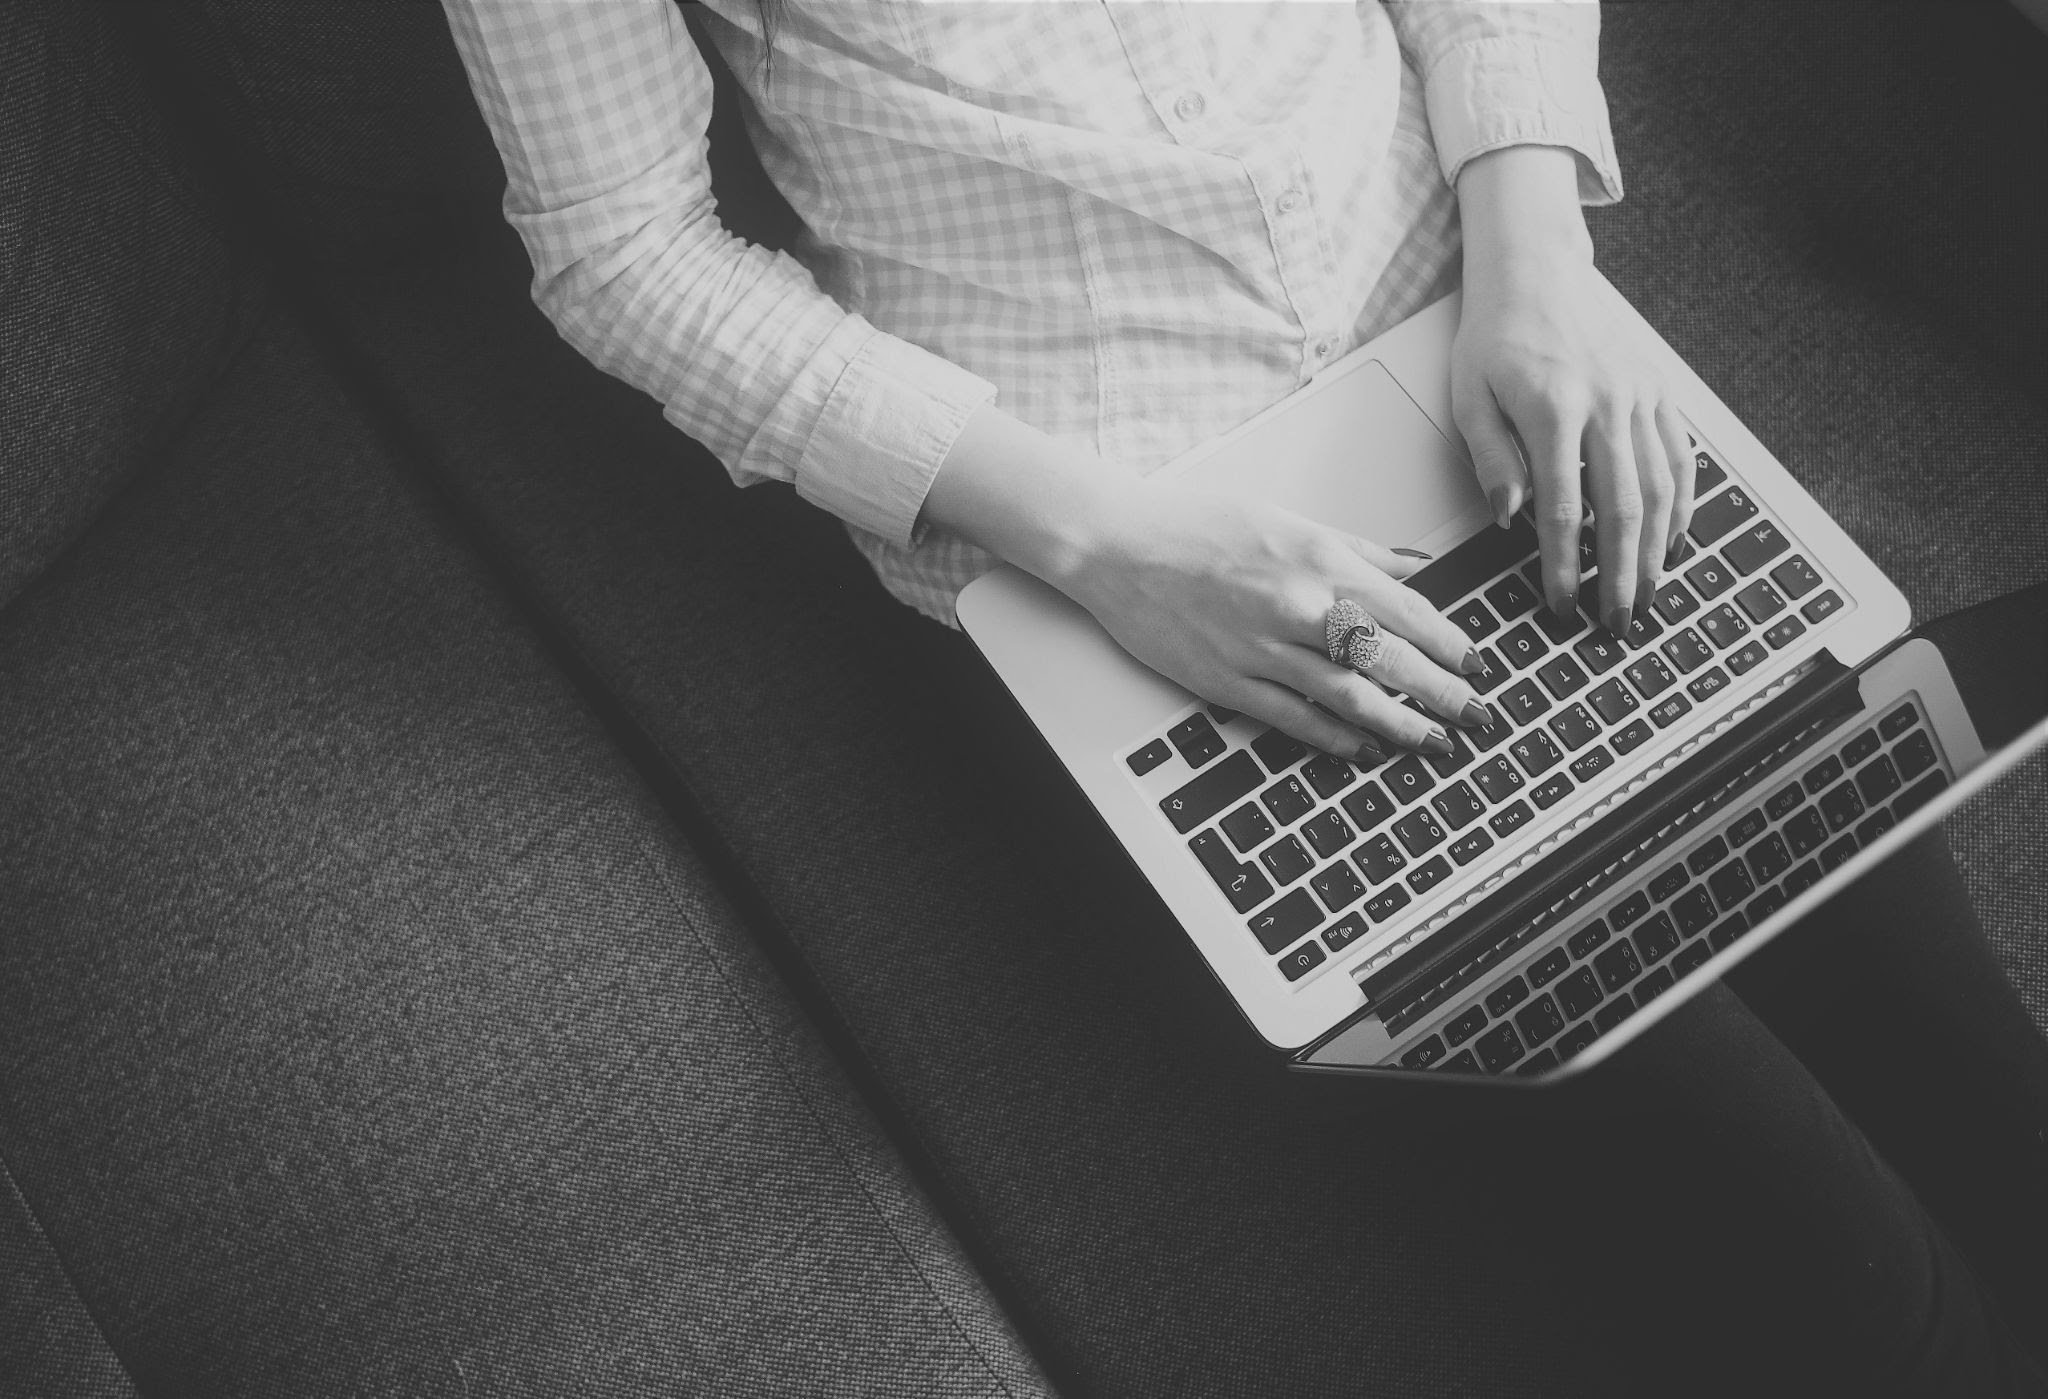 freelance utilisant son ordinateur portable